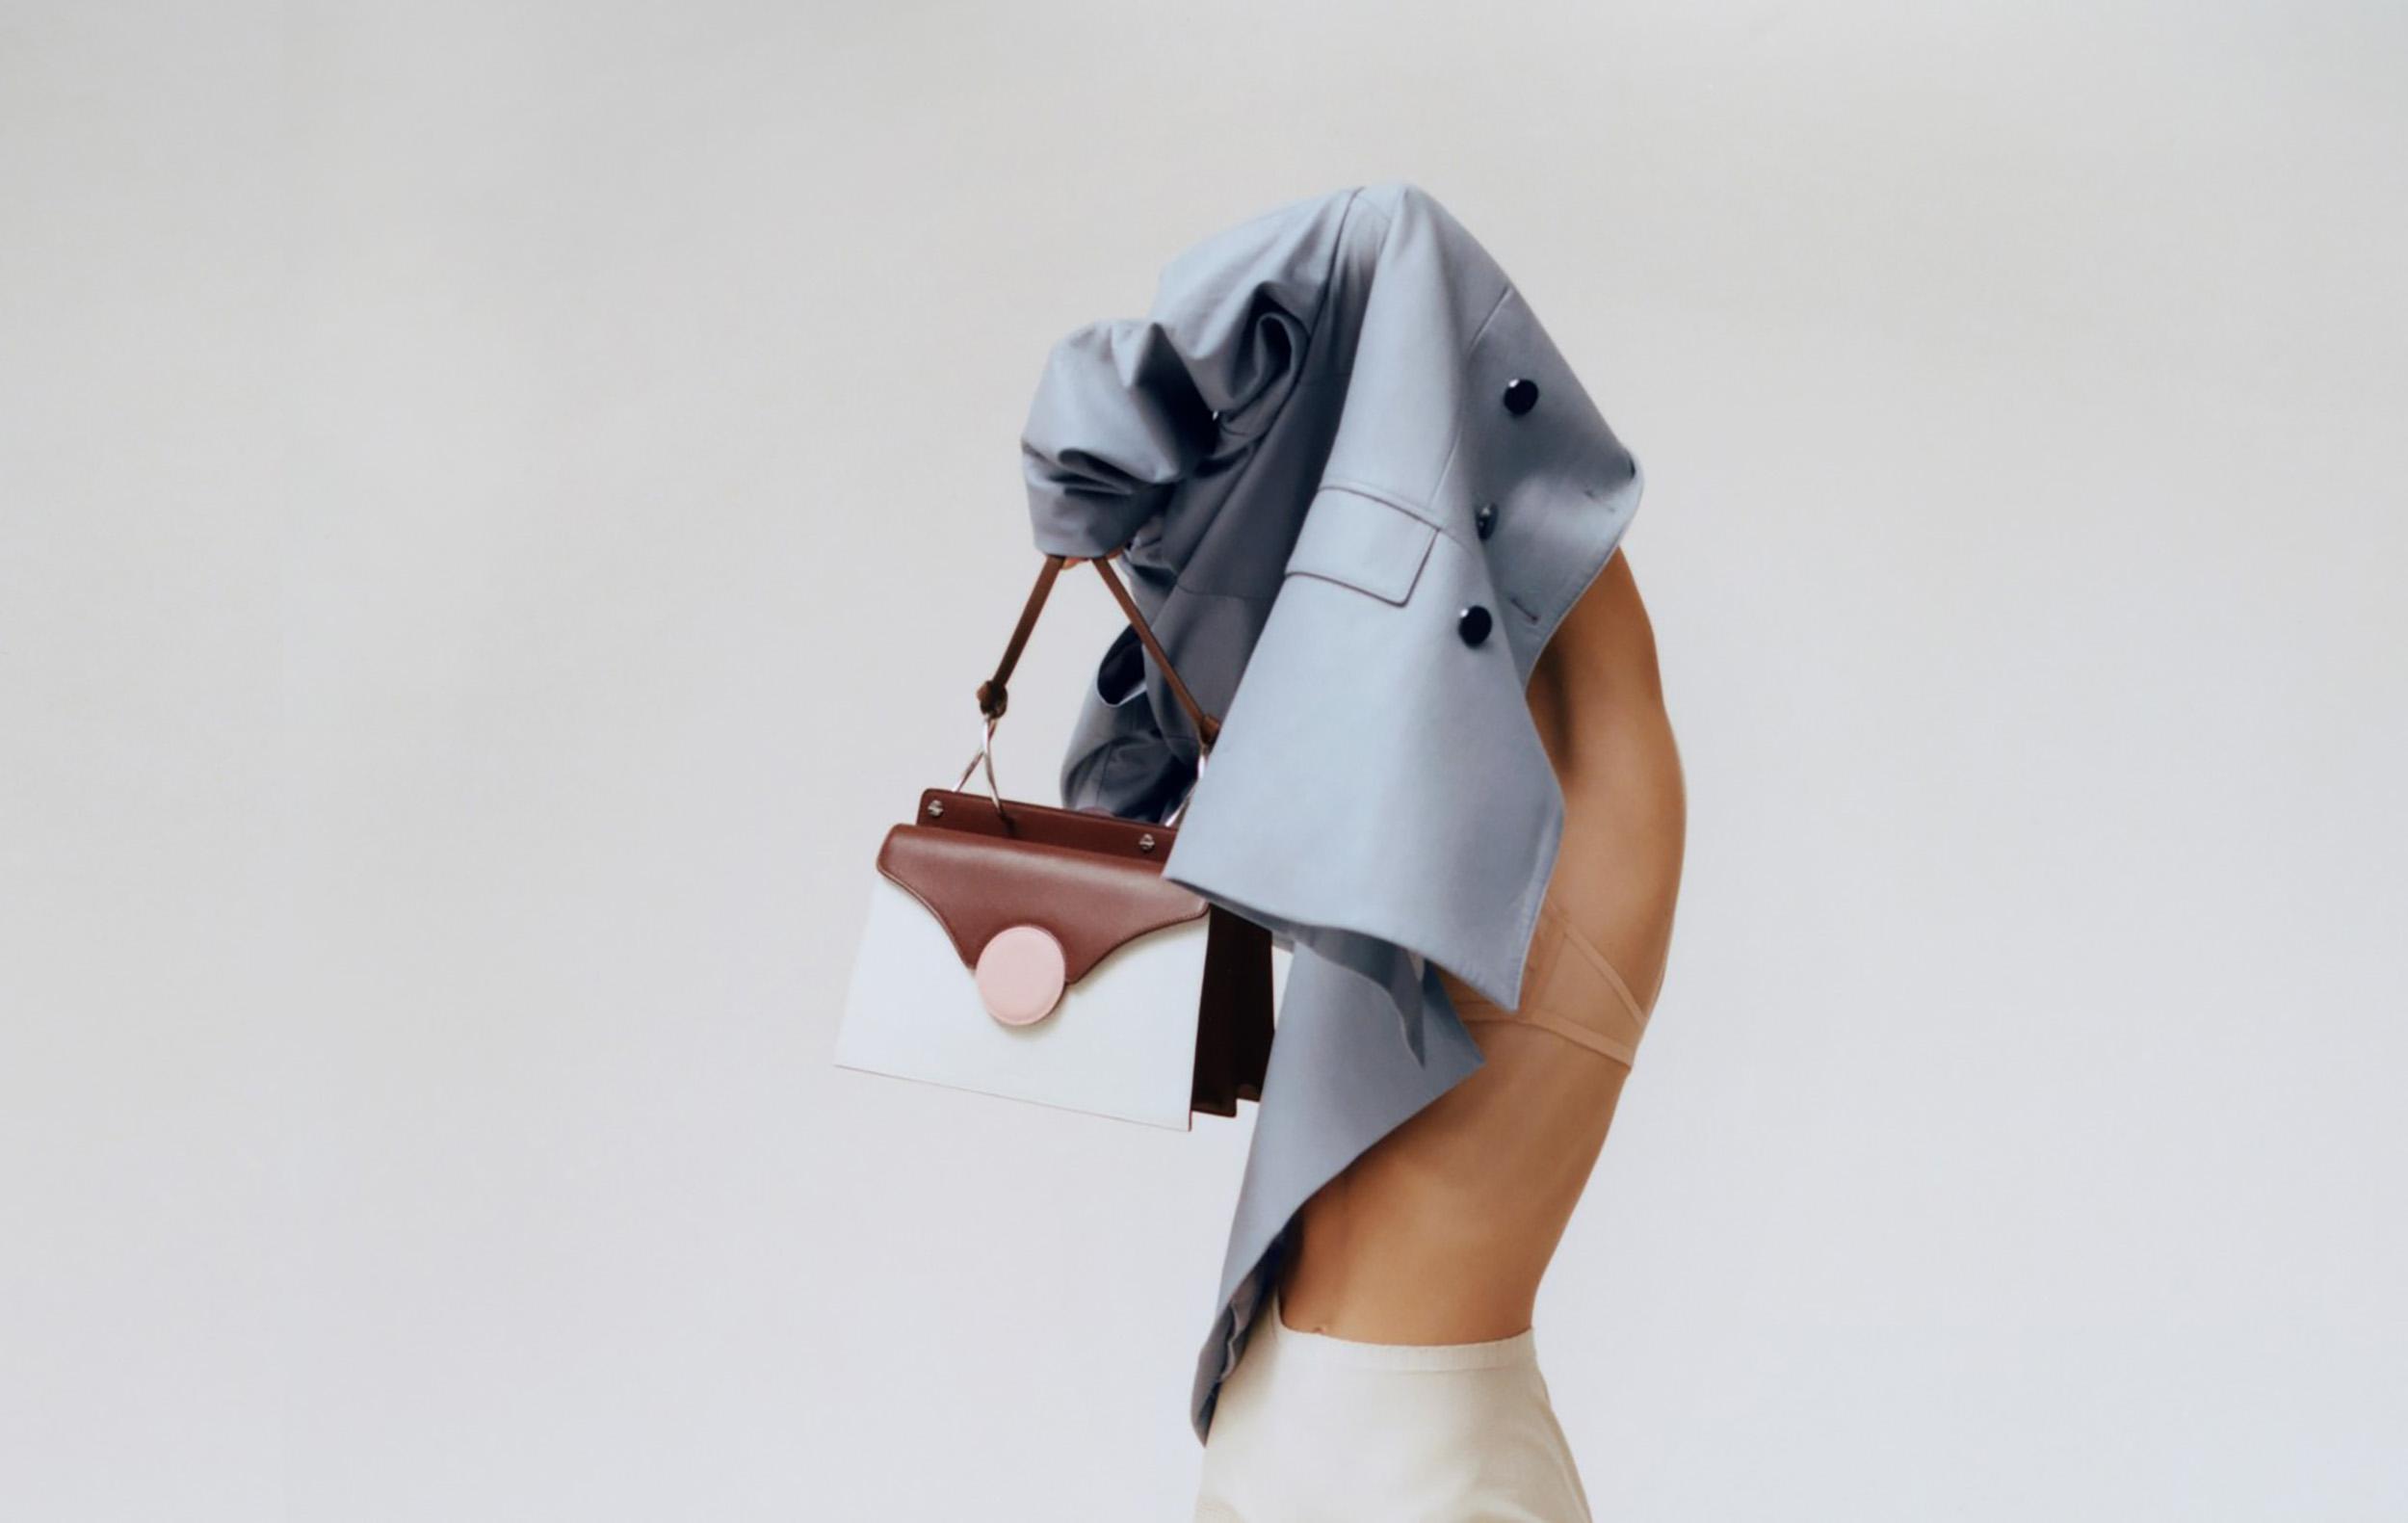 iGNANT-Fashion-Handbags-Brncui-Picasso-005